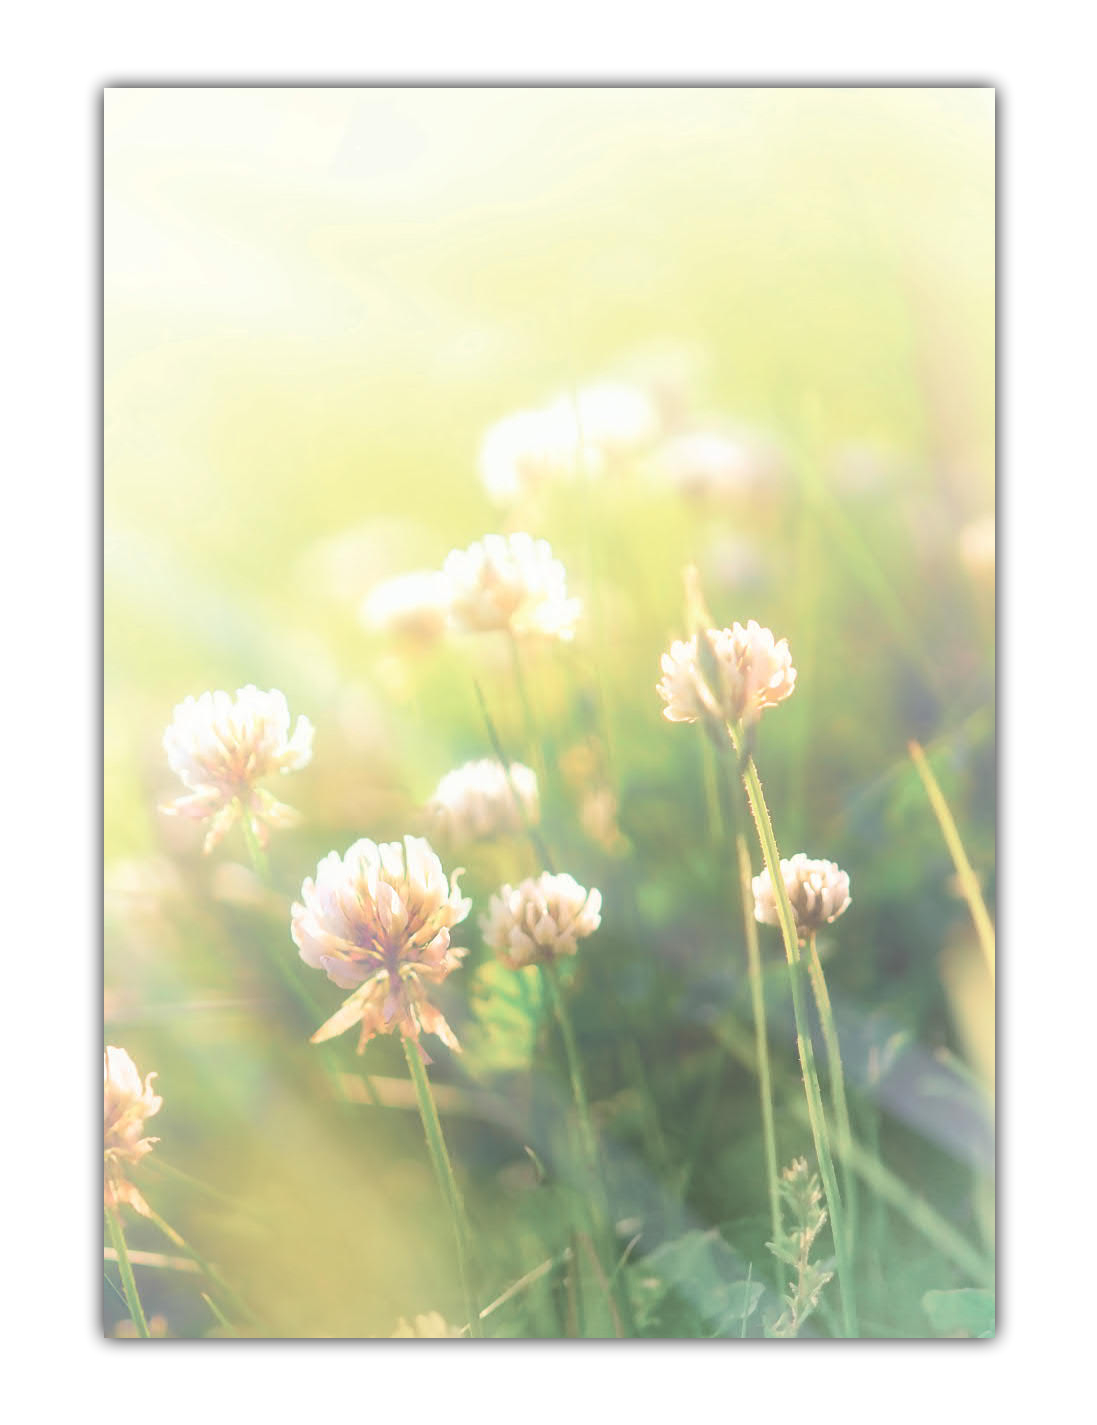 100 Blatt Motivpapier-5091 DIN A4 gelbe Rose im Sommer Blumen Briefpapier